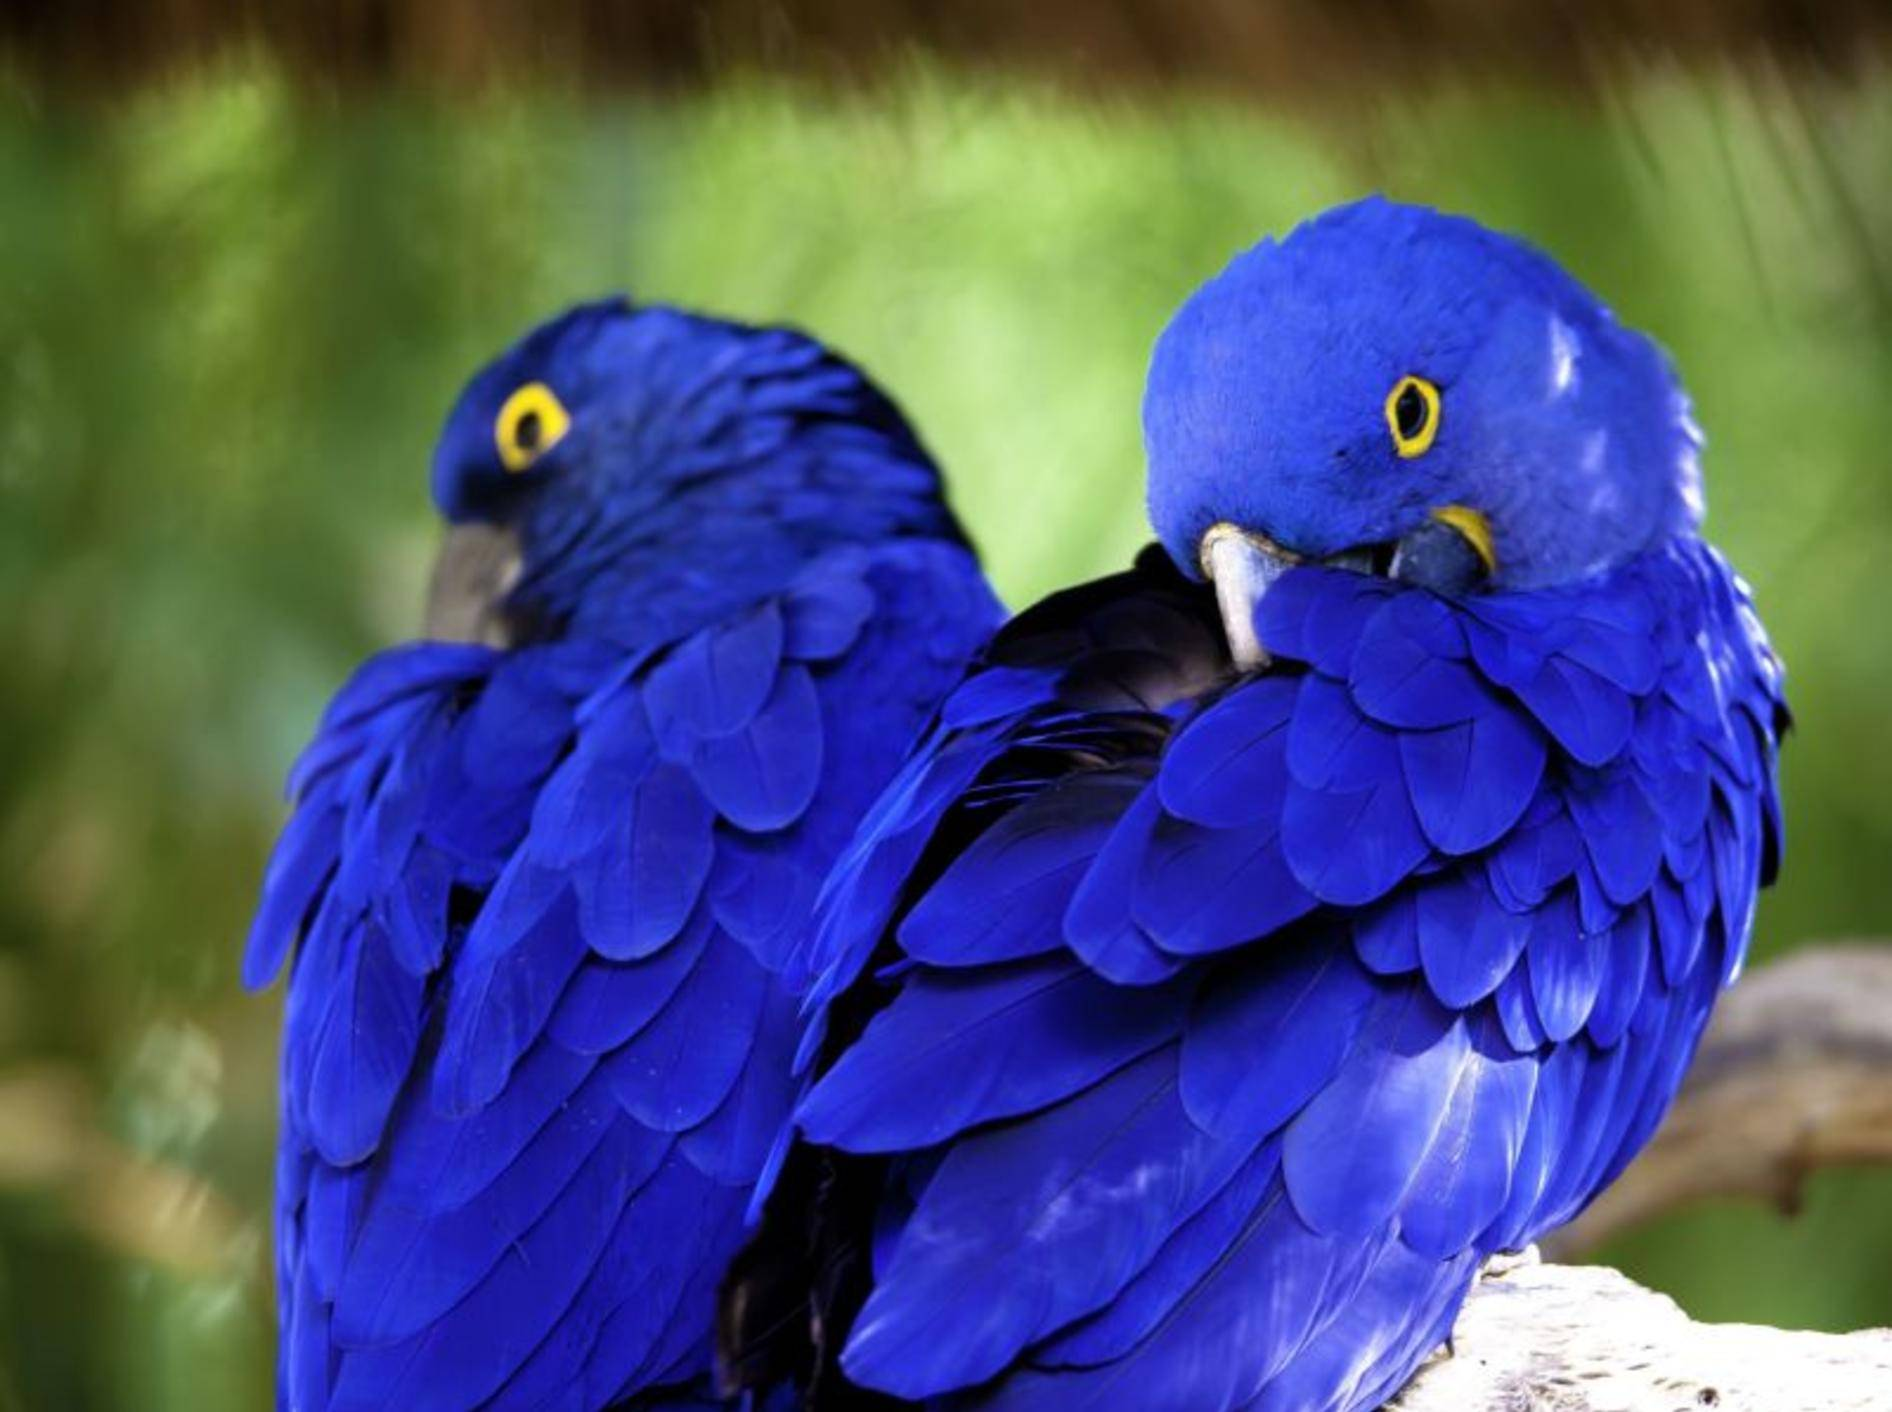 Blau und wunderschön: Ein Ara-Pärchen — Bild: Shutterstock / bcampbell65